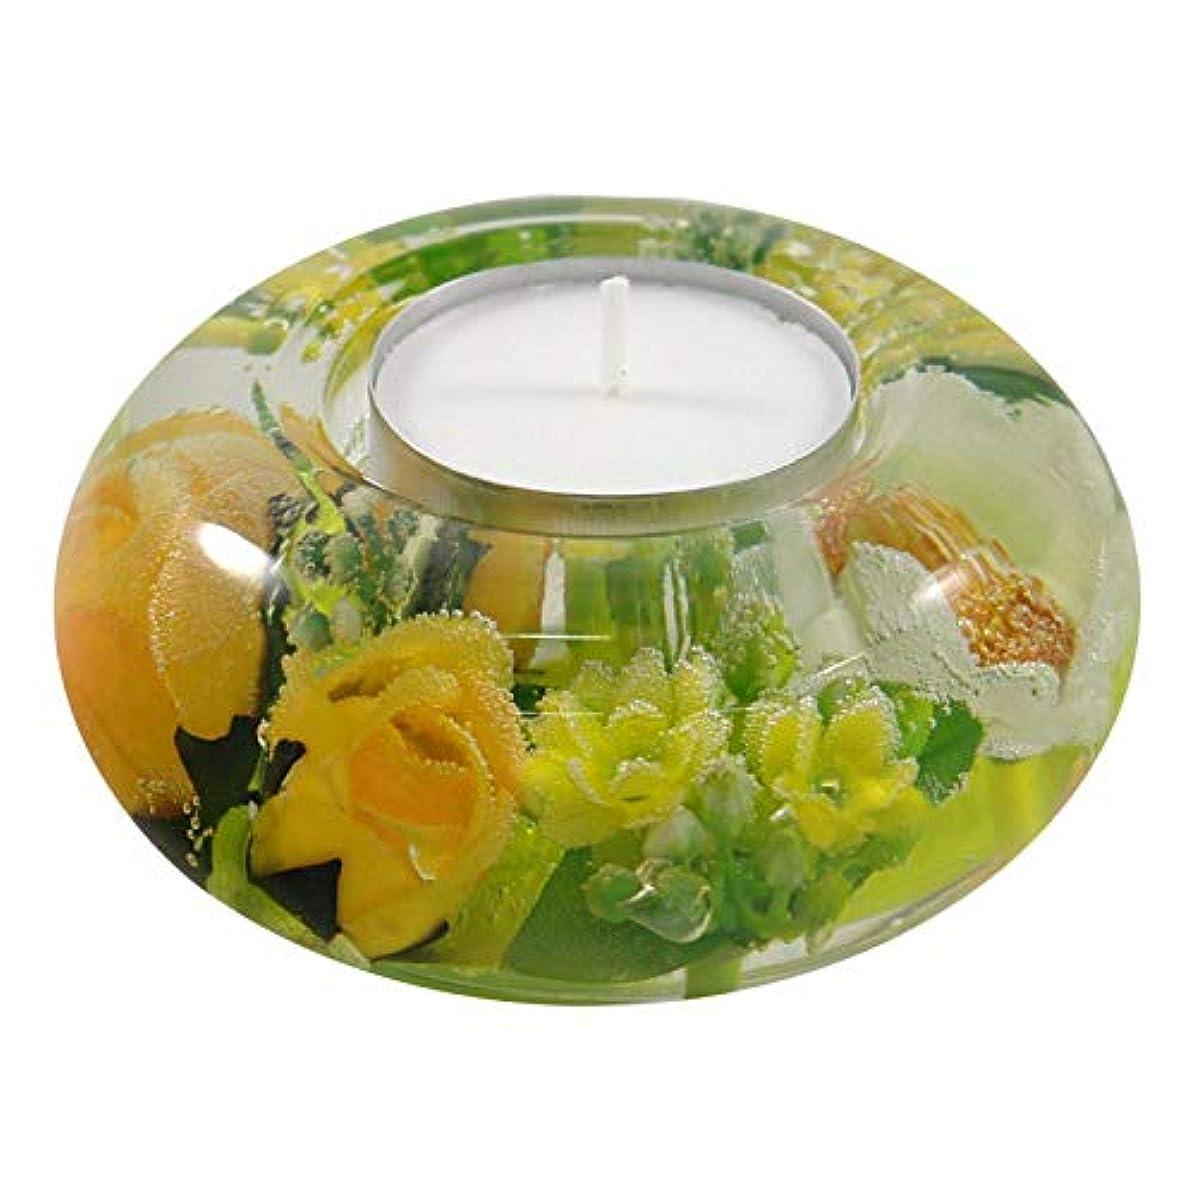 戸棚軽減ワイヤードリームライト UFO スプリングフラワー 花 キャンドルホルダー ガラス キャンドルスタンド おしゃれ